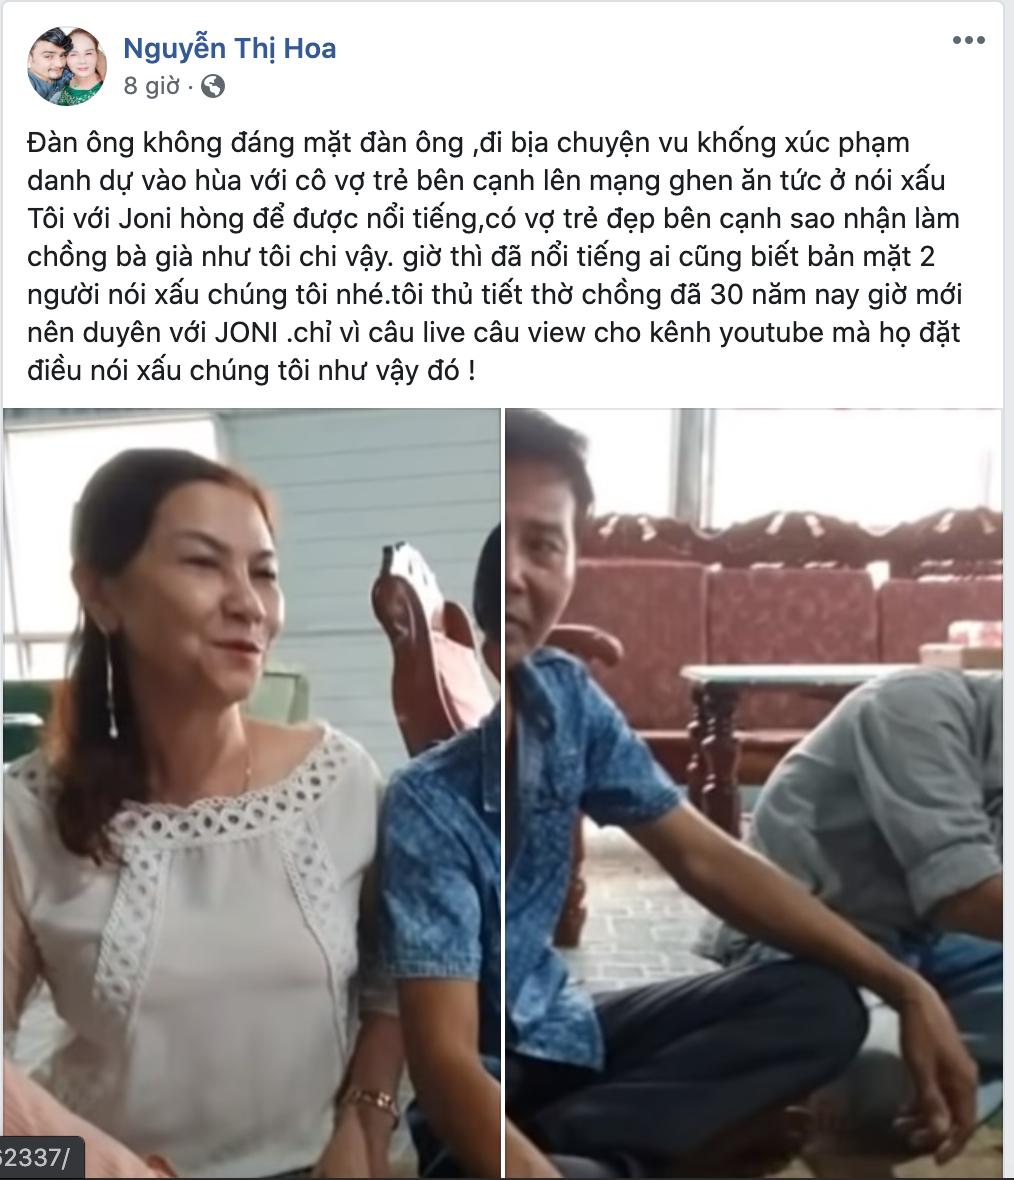 Cô dâu 65 tuổi tức giận lên tiếng cầu cứu, nhờ pháp luật can thiệp khi xuất hiện người đàn ông lăng mạ, tự nhận là chồng cũ của mình - Hình 4